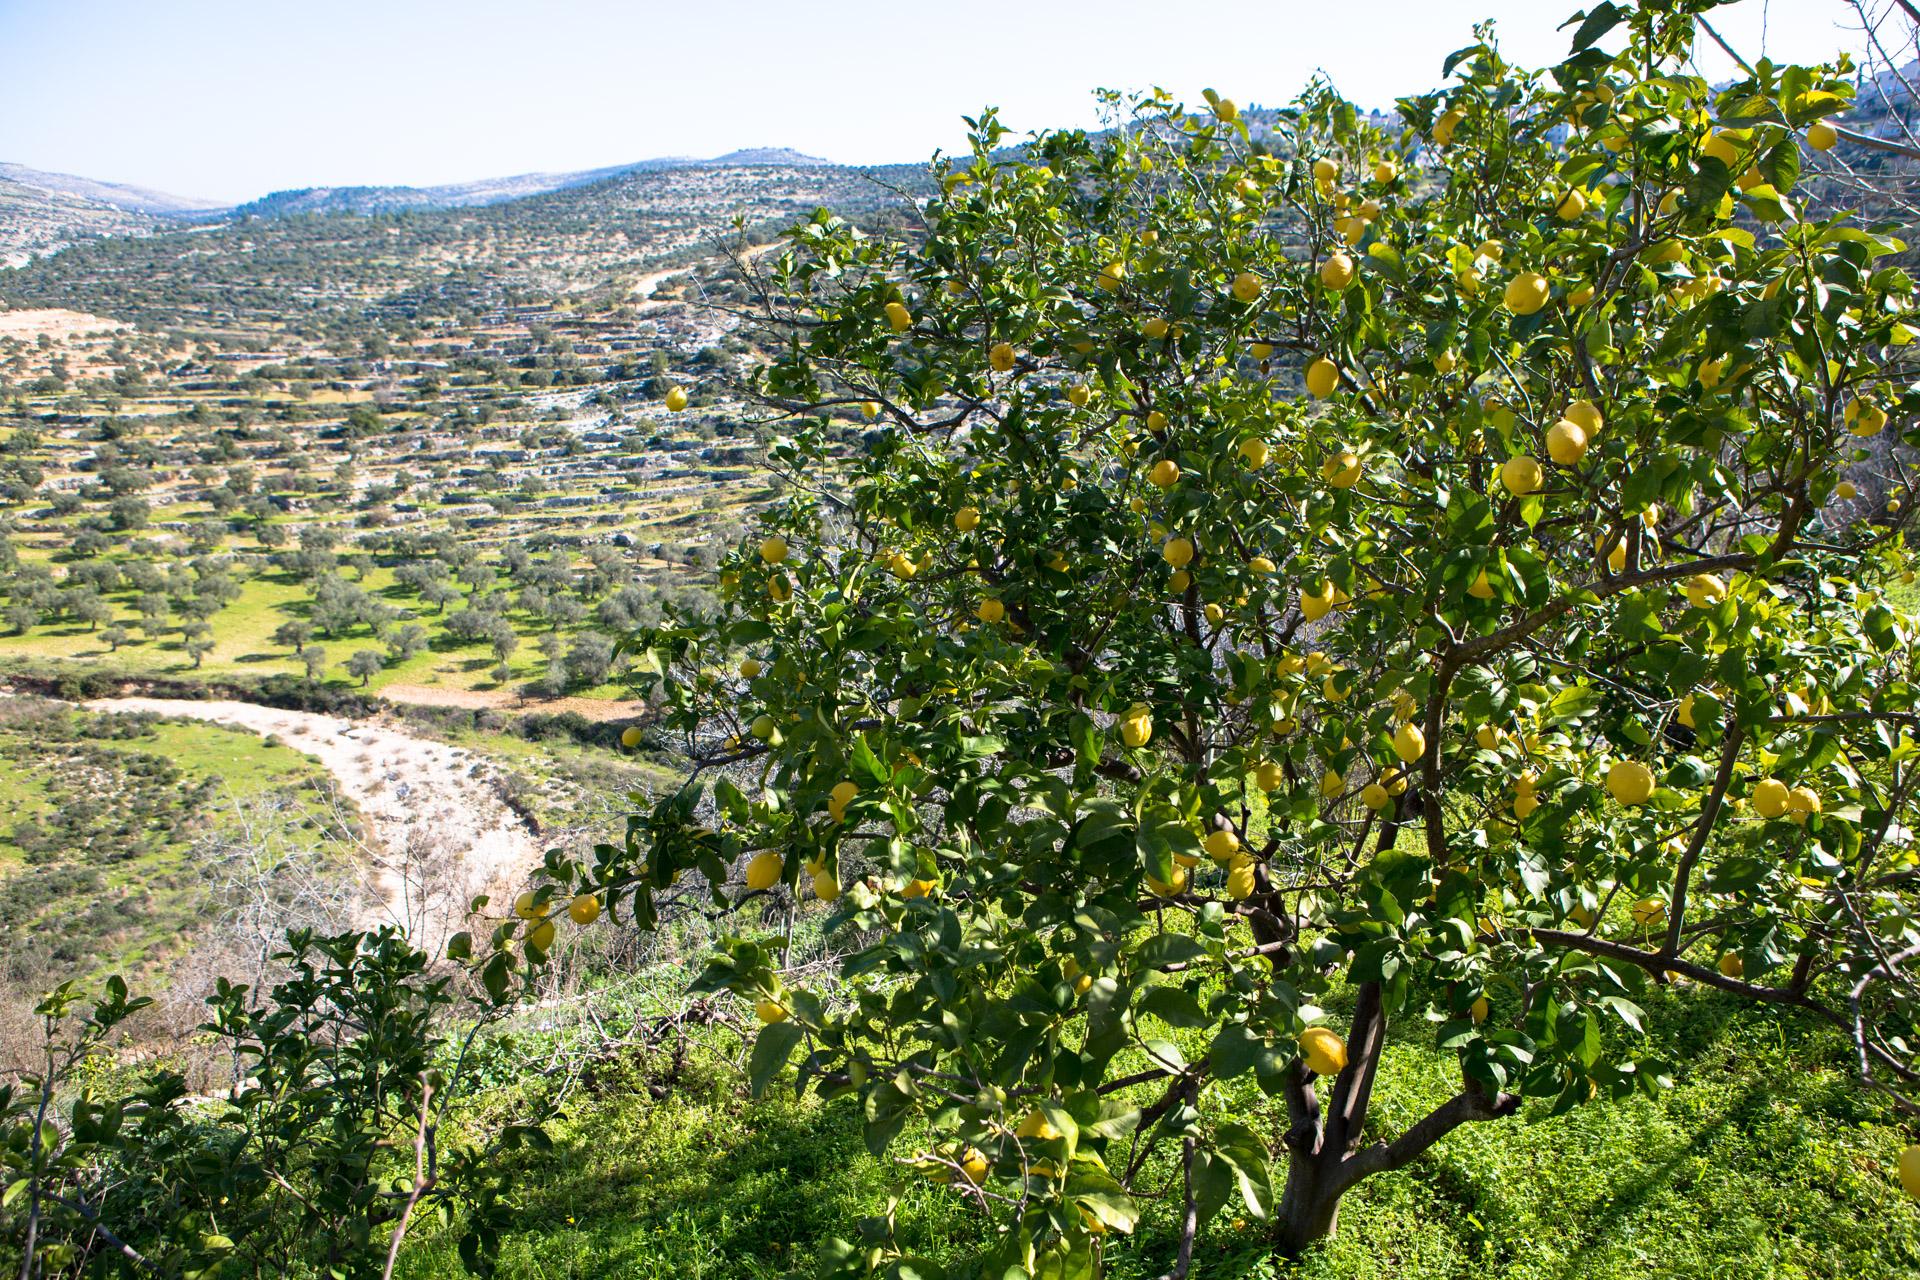 עין ליימון, ליד מזארע אל-נובאני (בסאם אלמוהור)